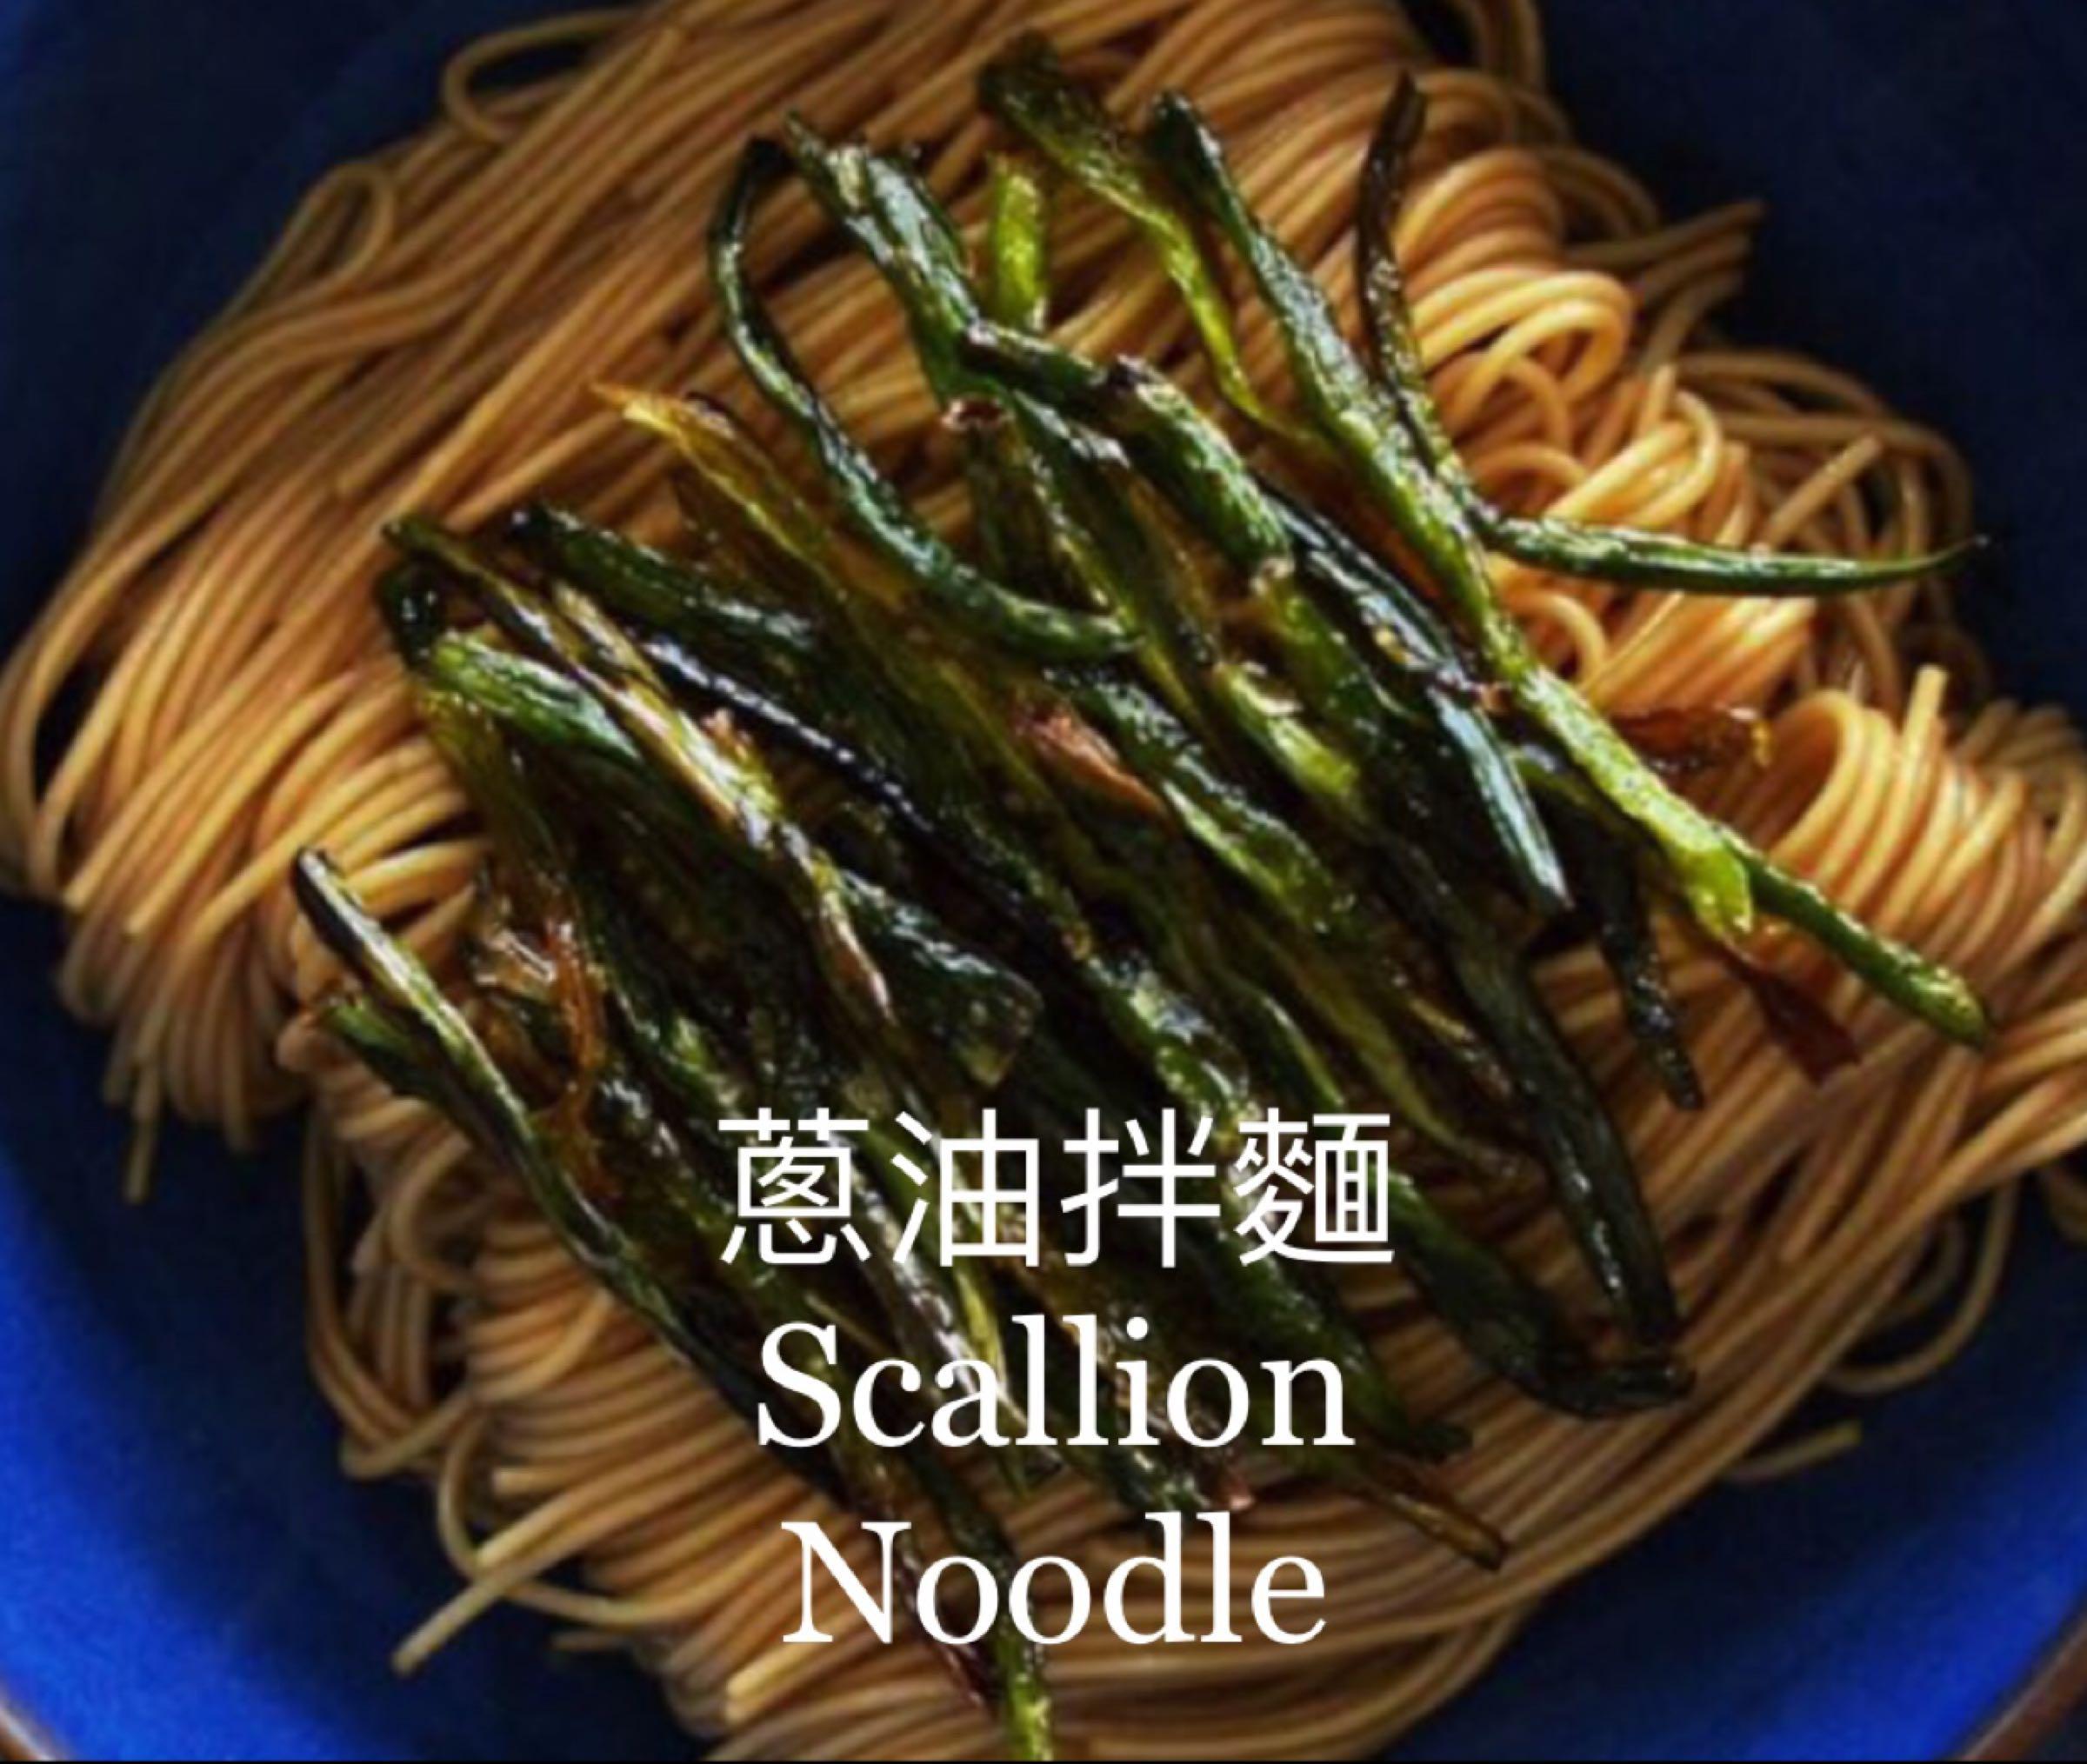 葱油麵 Scallion Noodle